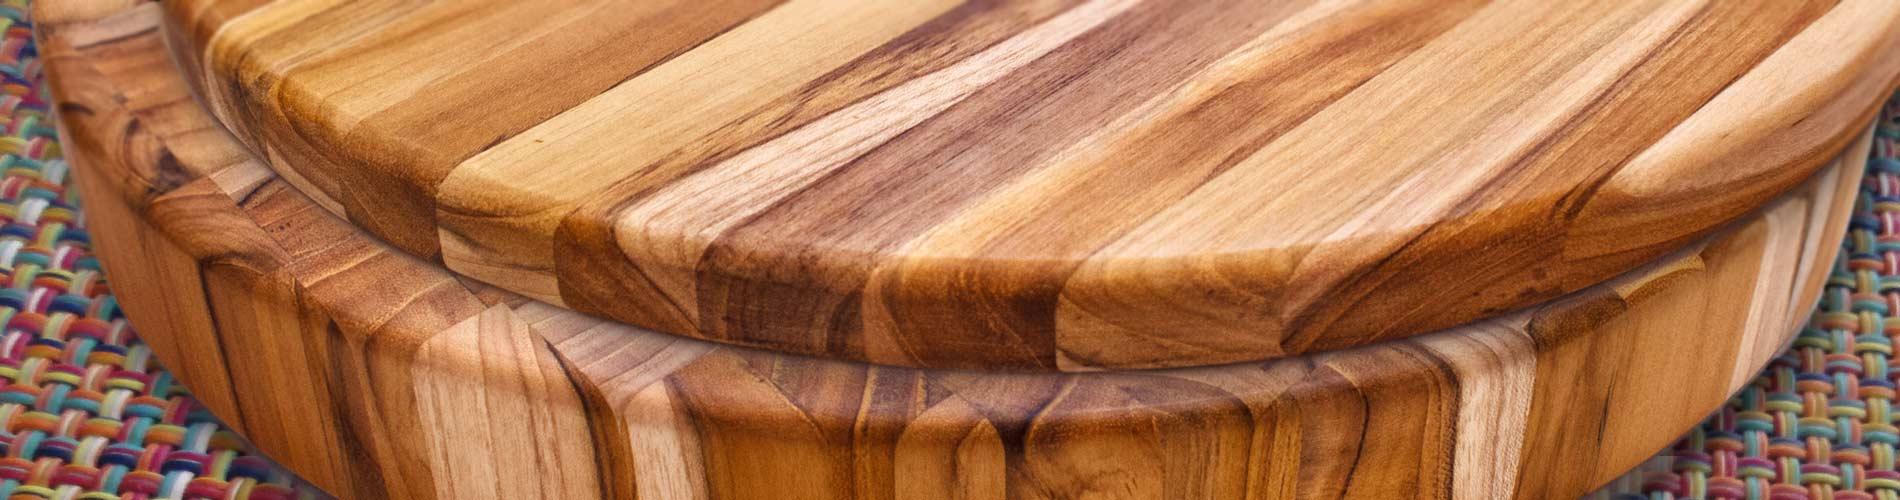 cutting board and butcher block shop  cuttingboard, Kitchen design